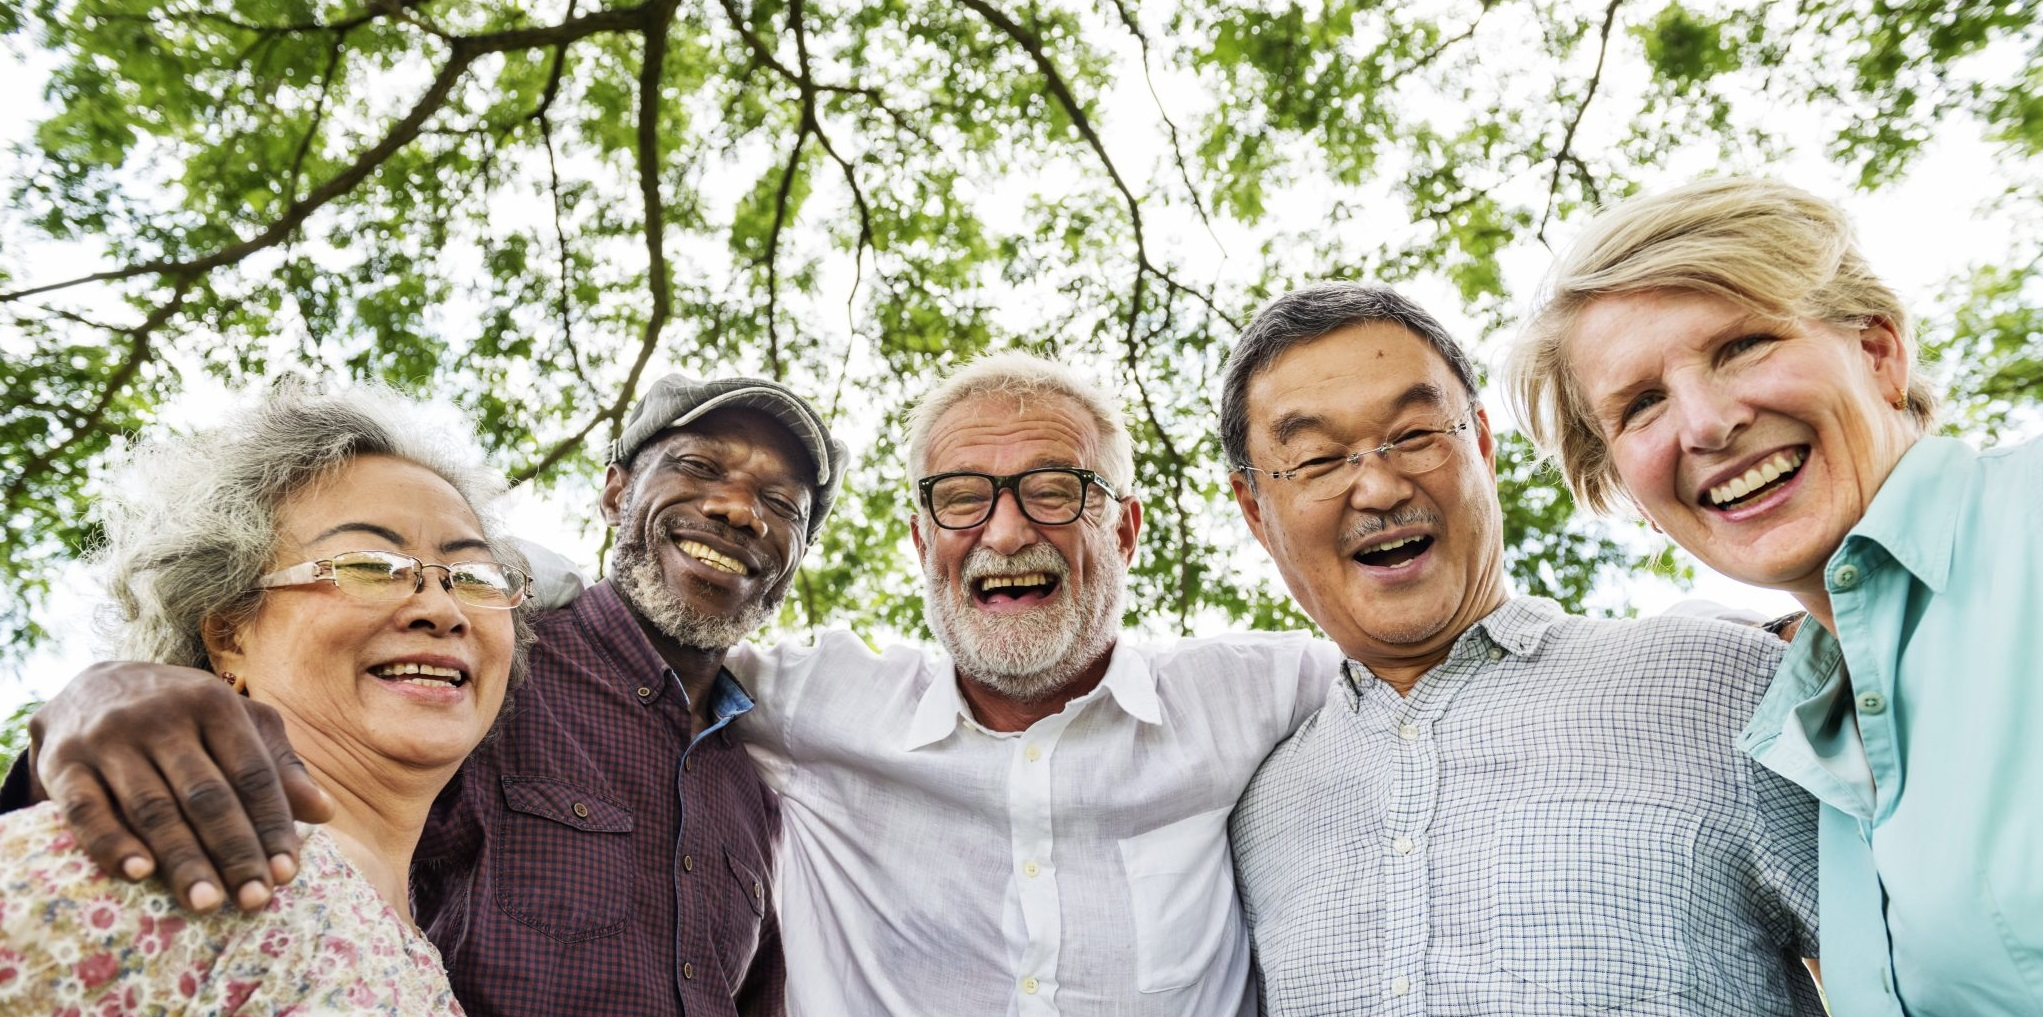 O segredo da longevidade de japoneses do arquipélago de Okinawa pode estar em achar uma razão de viver